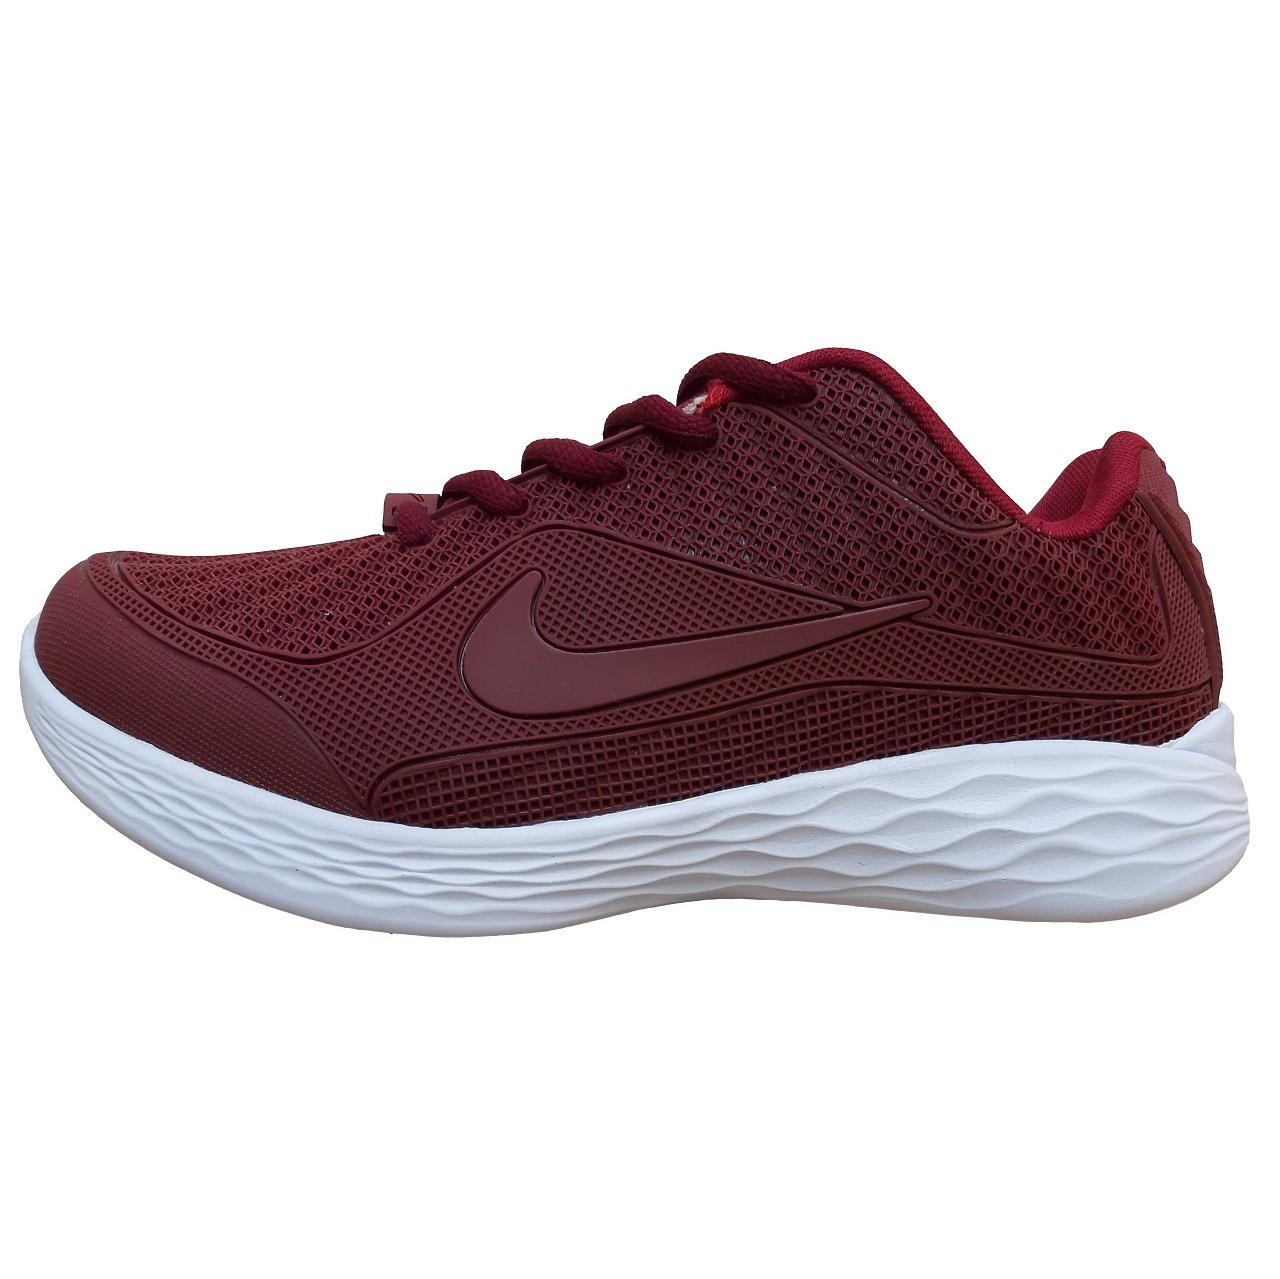 کفش مخصوص پیاده روی زنانه کد 213003